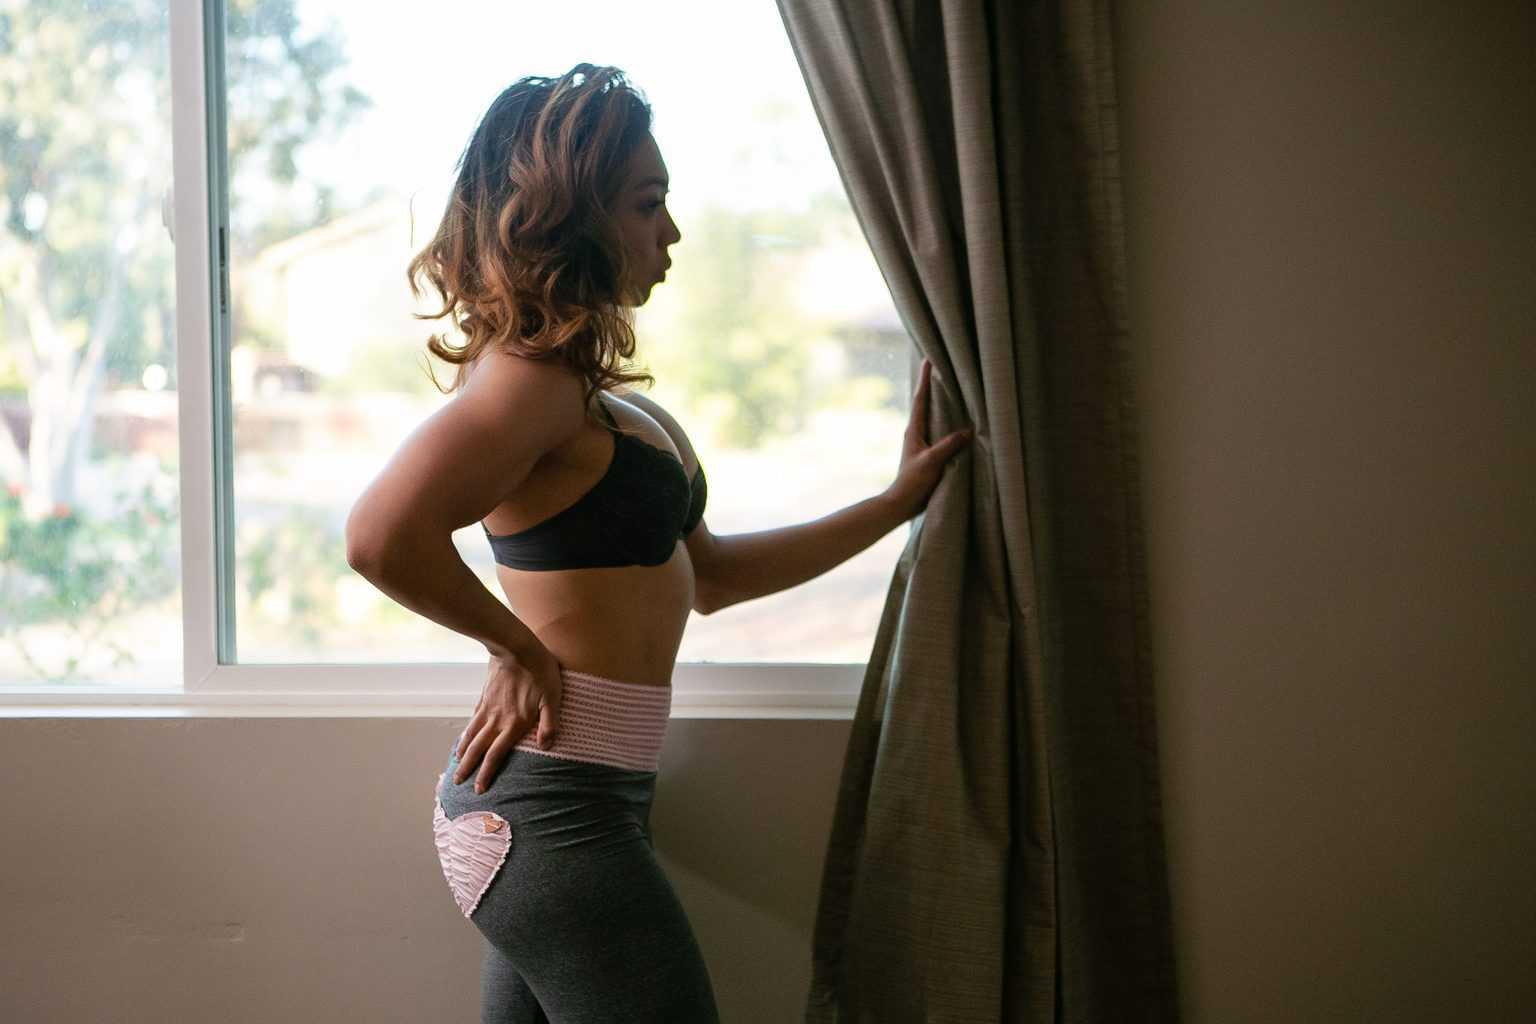 Woman wearing an Elomi Matilda plunge bra